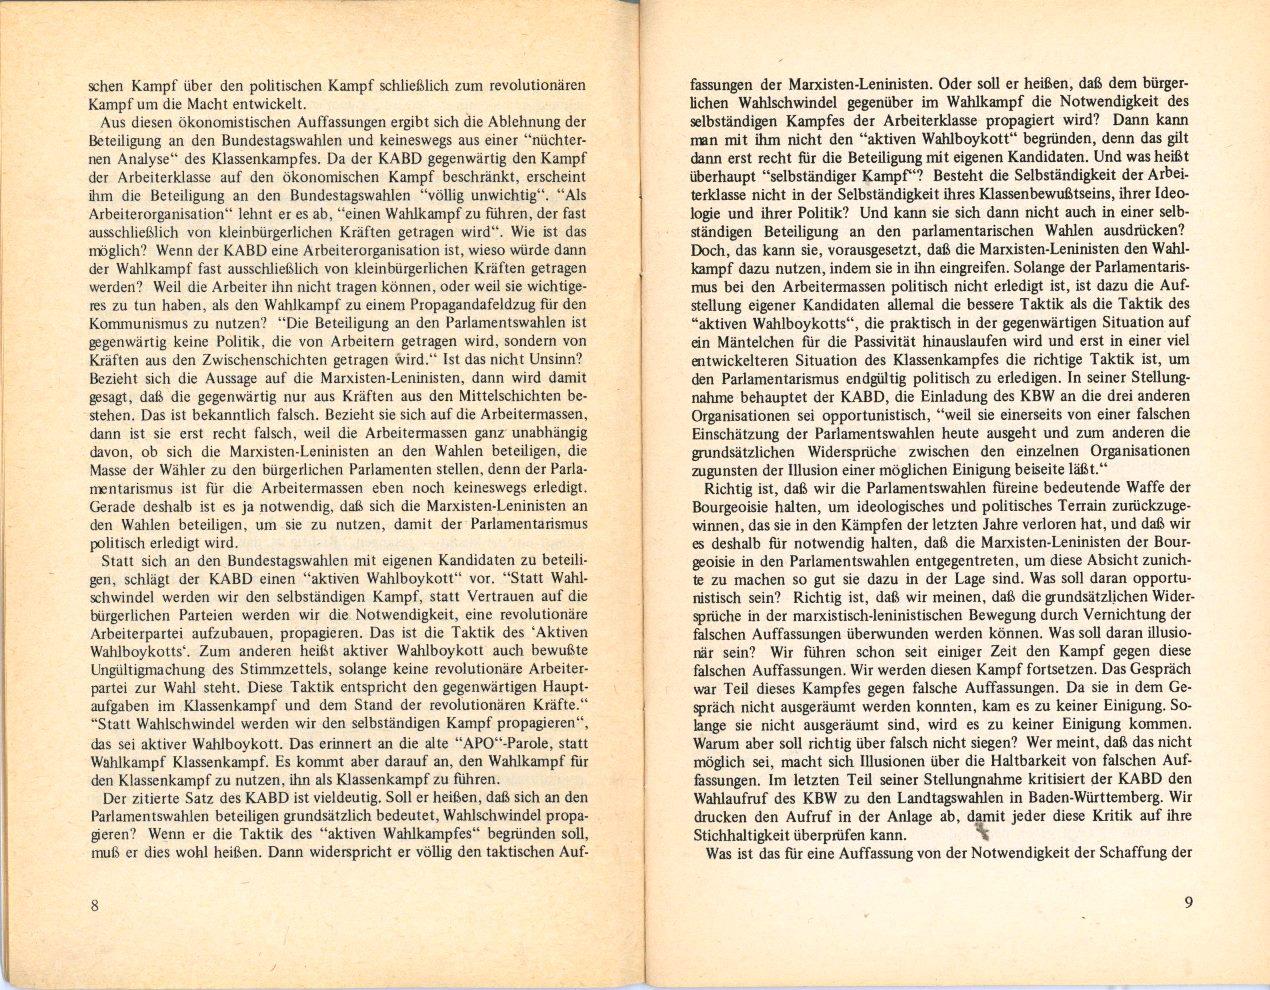 KBW_Materialien_zur_Auseinandersetzung_in_der_mlB_1976_06